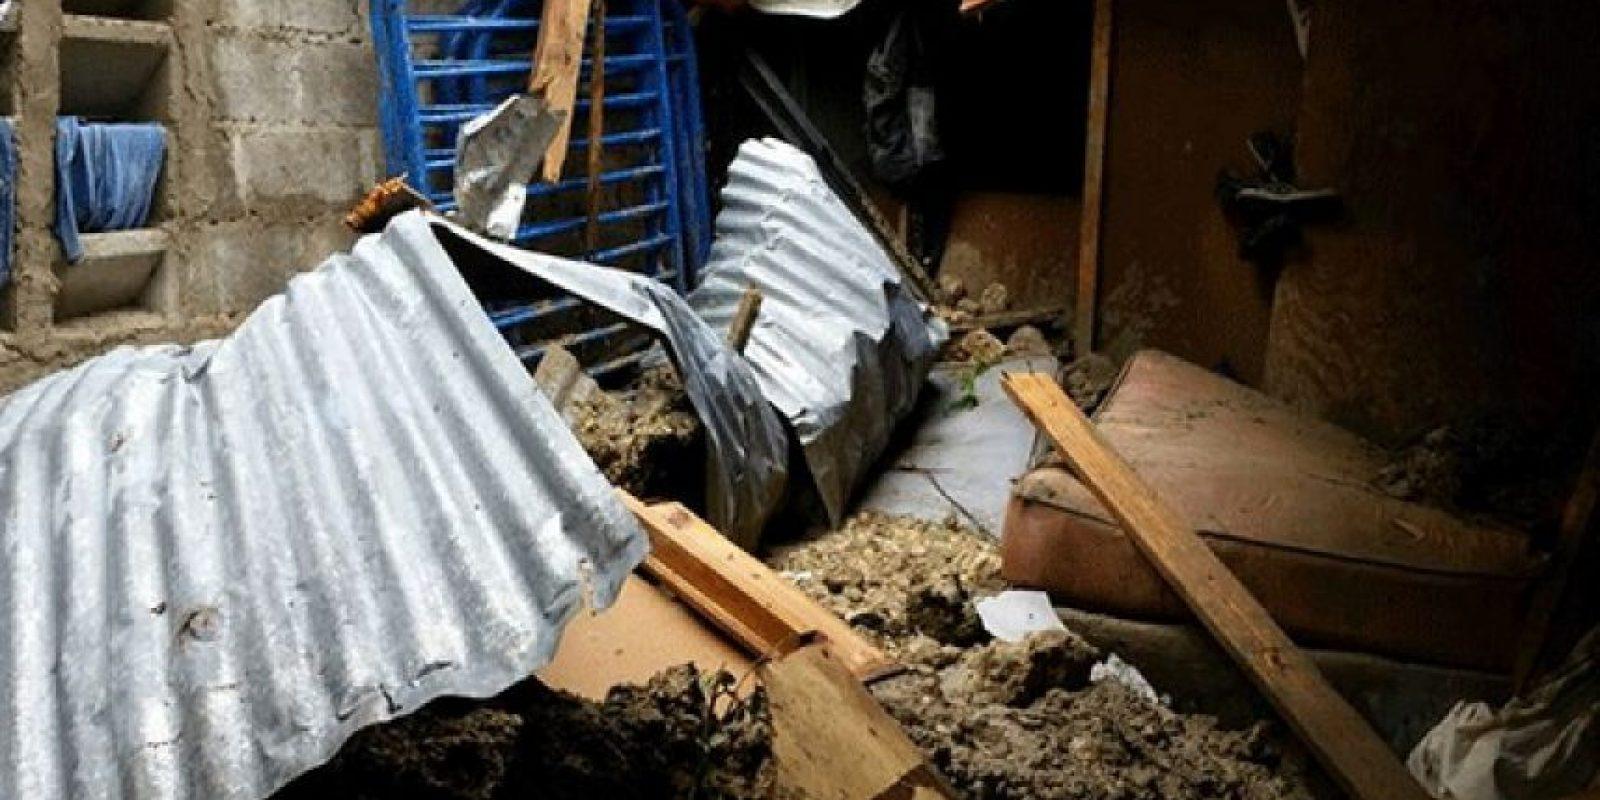 Un derrumbe de tierra en Capotillo, DN, provocó la muerte de una niña Foto:Twitter